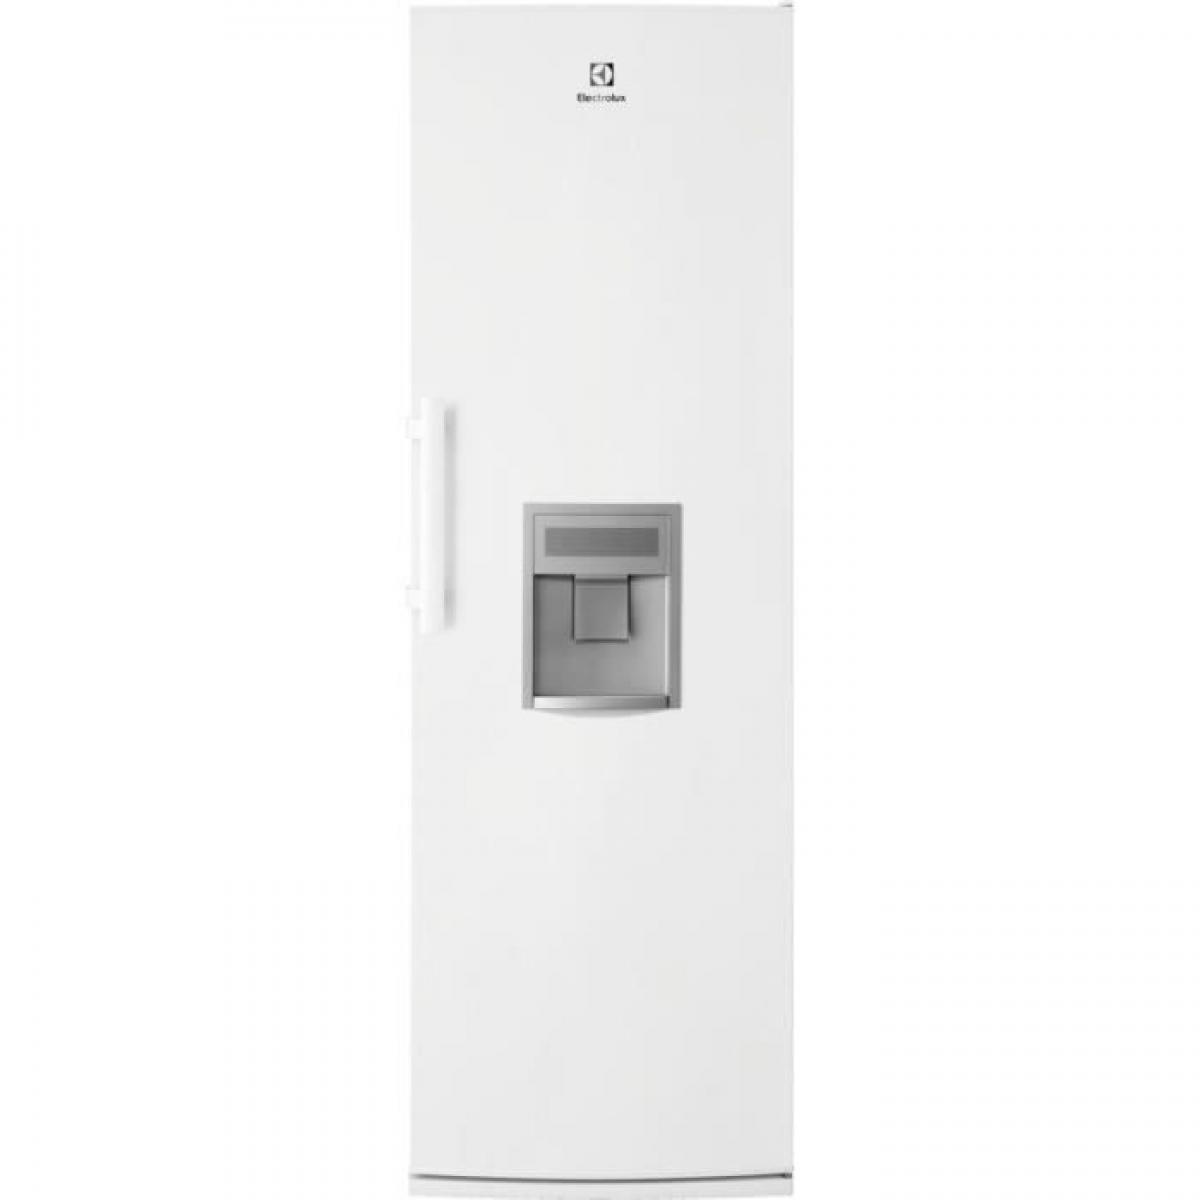 Electrolux Réfrigérateur combiné 387L Froid Brassé ELECTROLUX 60cm A+, ELE7332543732746